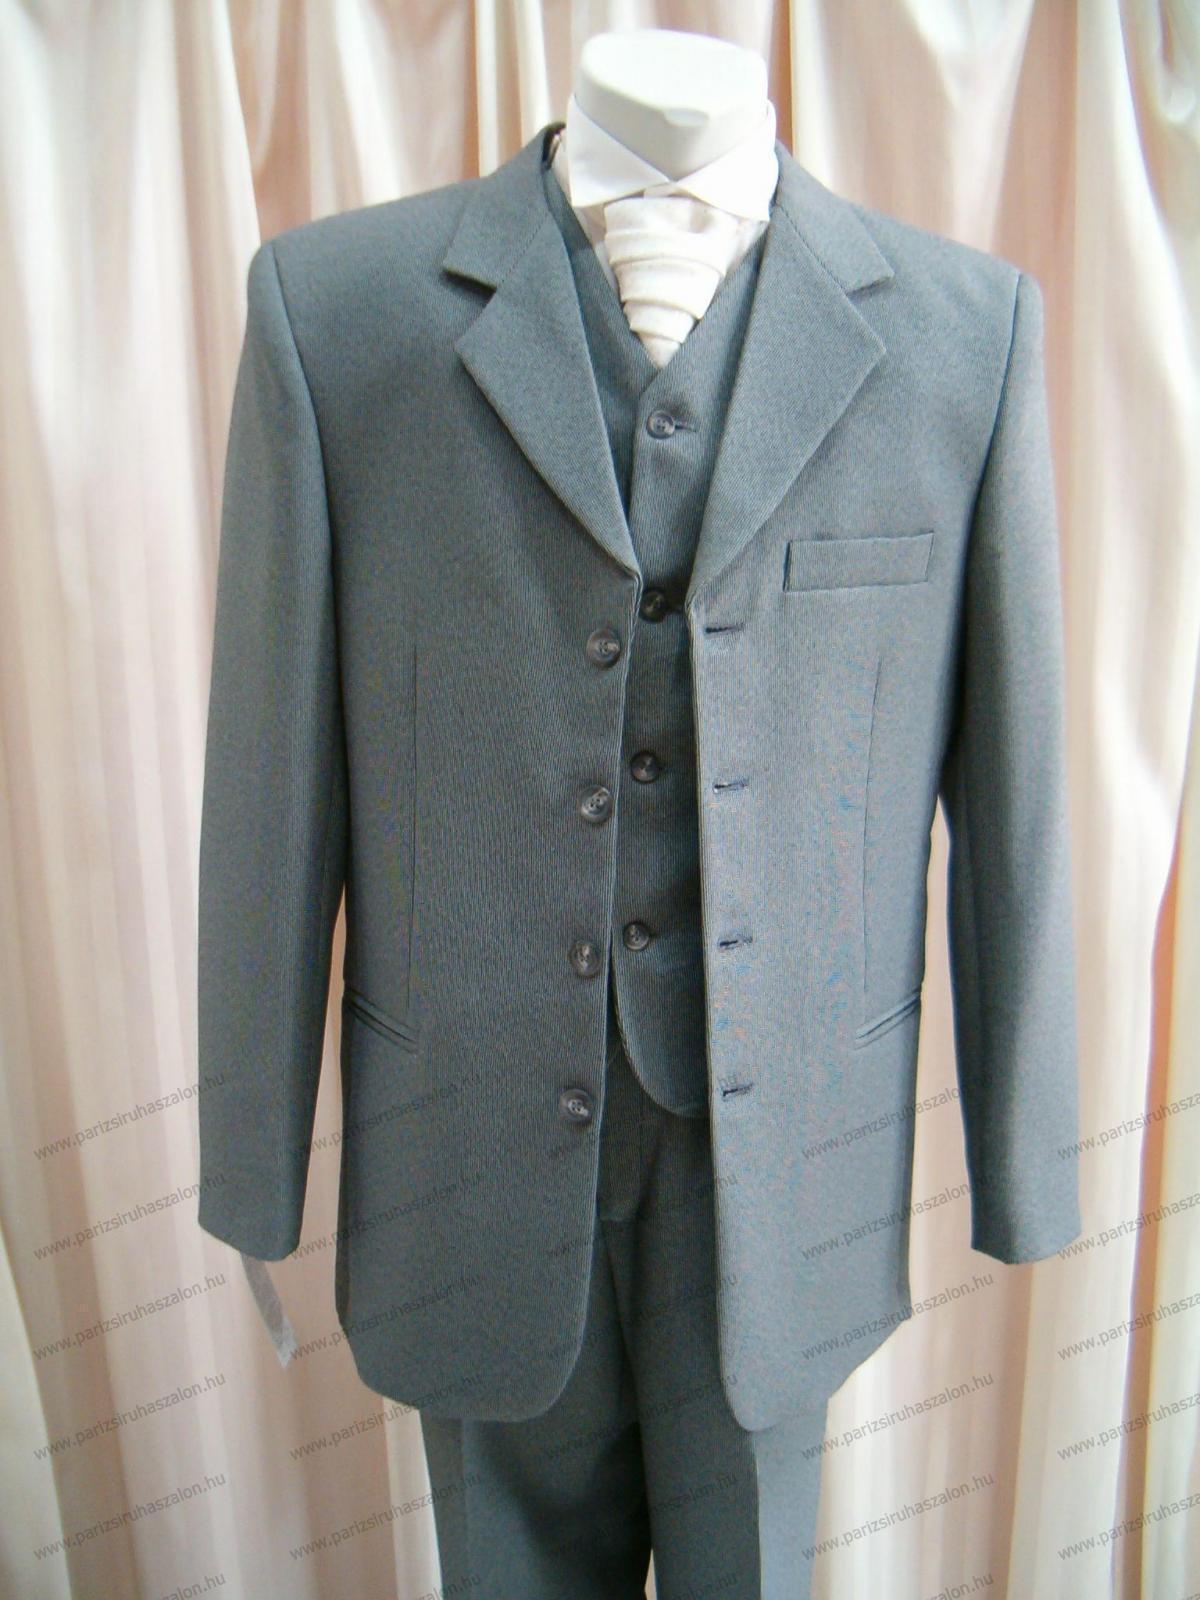 193dcc7b99 44-es méretű Akciós öltöny 12 | Öltöny Akció. 9 900 Ft-14 900 Ft.  (cikkszám: 44-es Akciós öltöny 12)